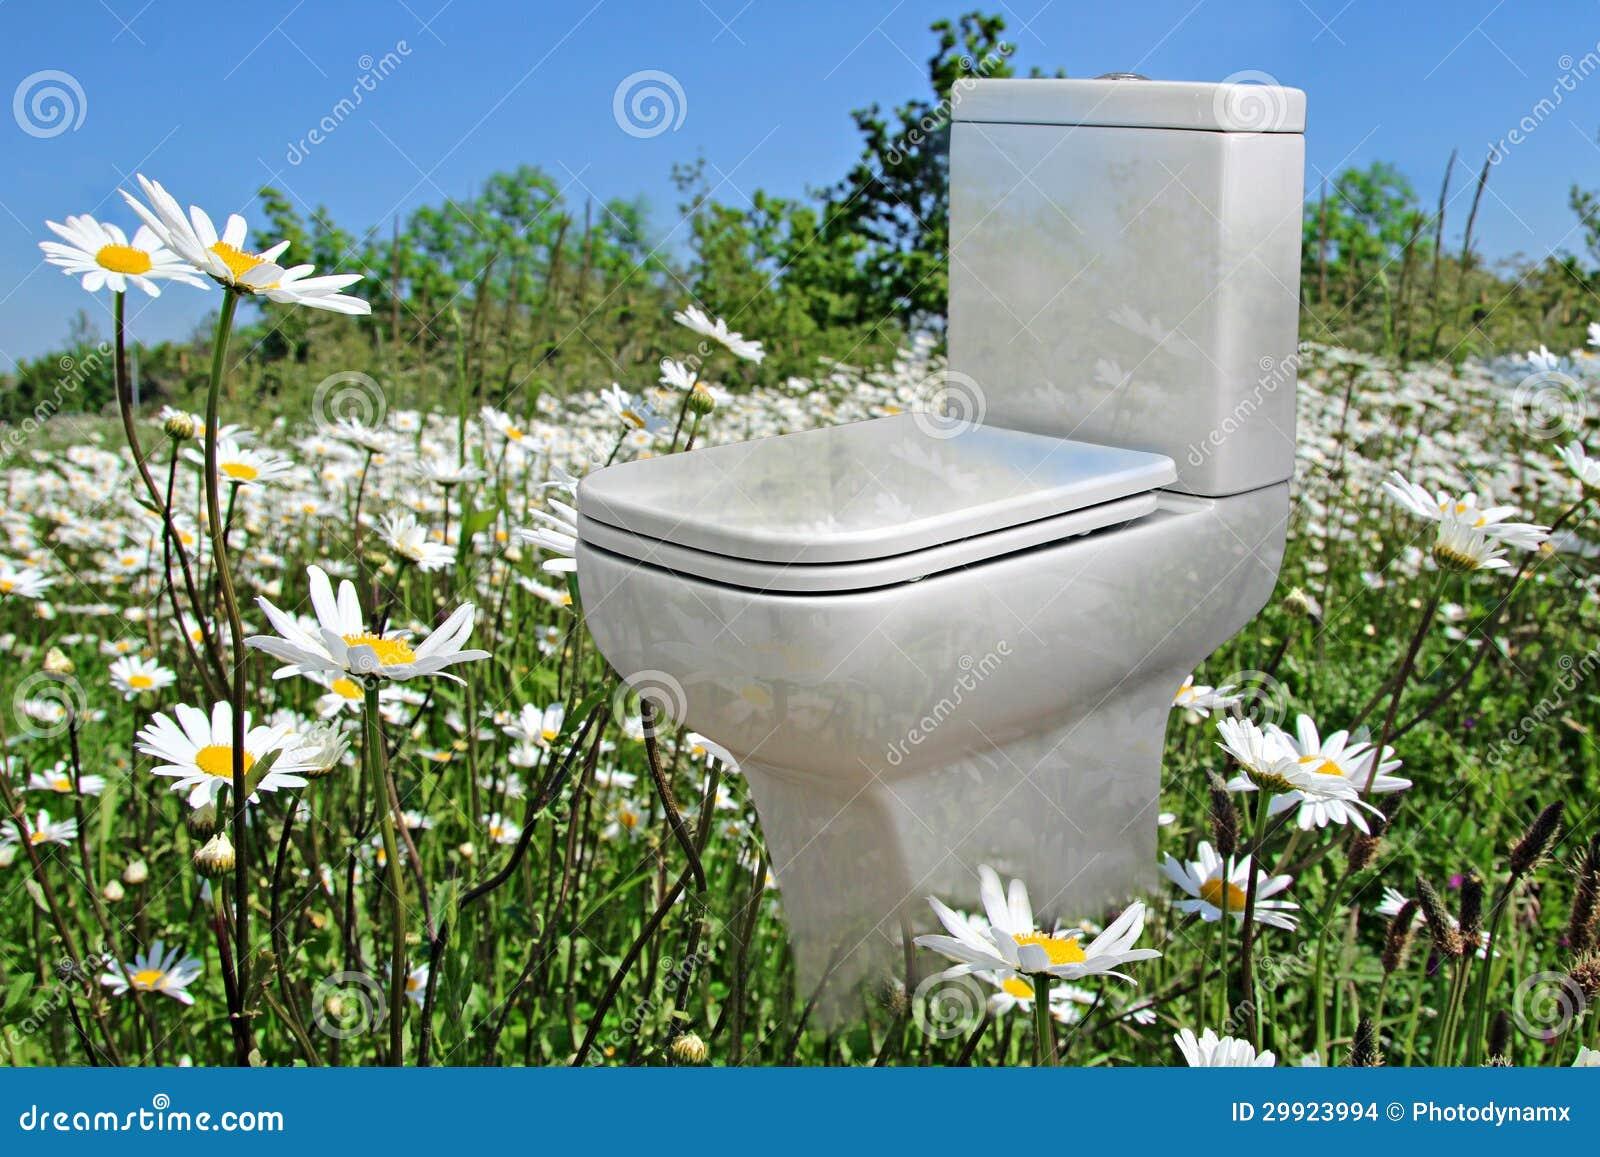 neue toilette der wiese stockbilder bild 29923994. Black Bedroom Furniture Sets. Home Design Ideas